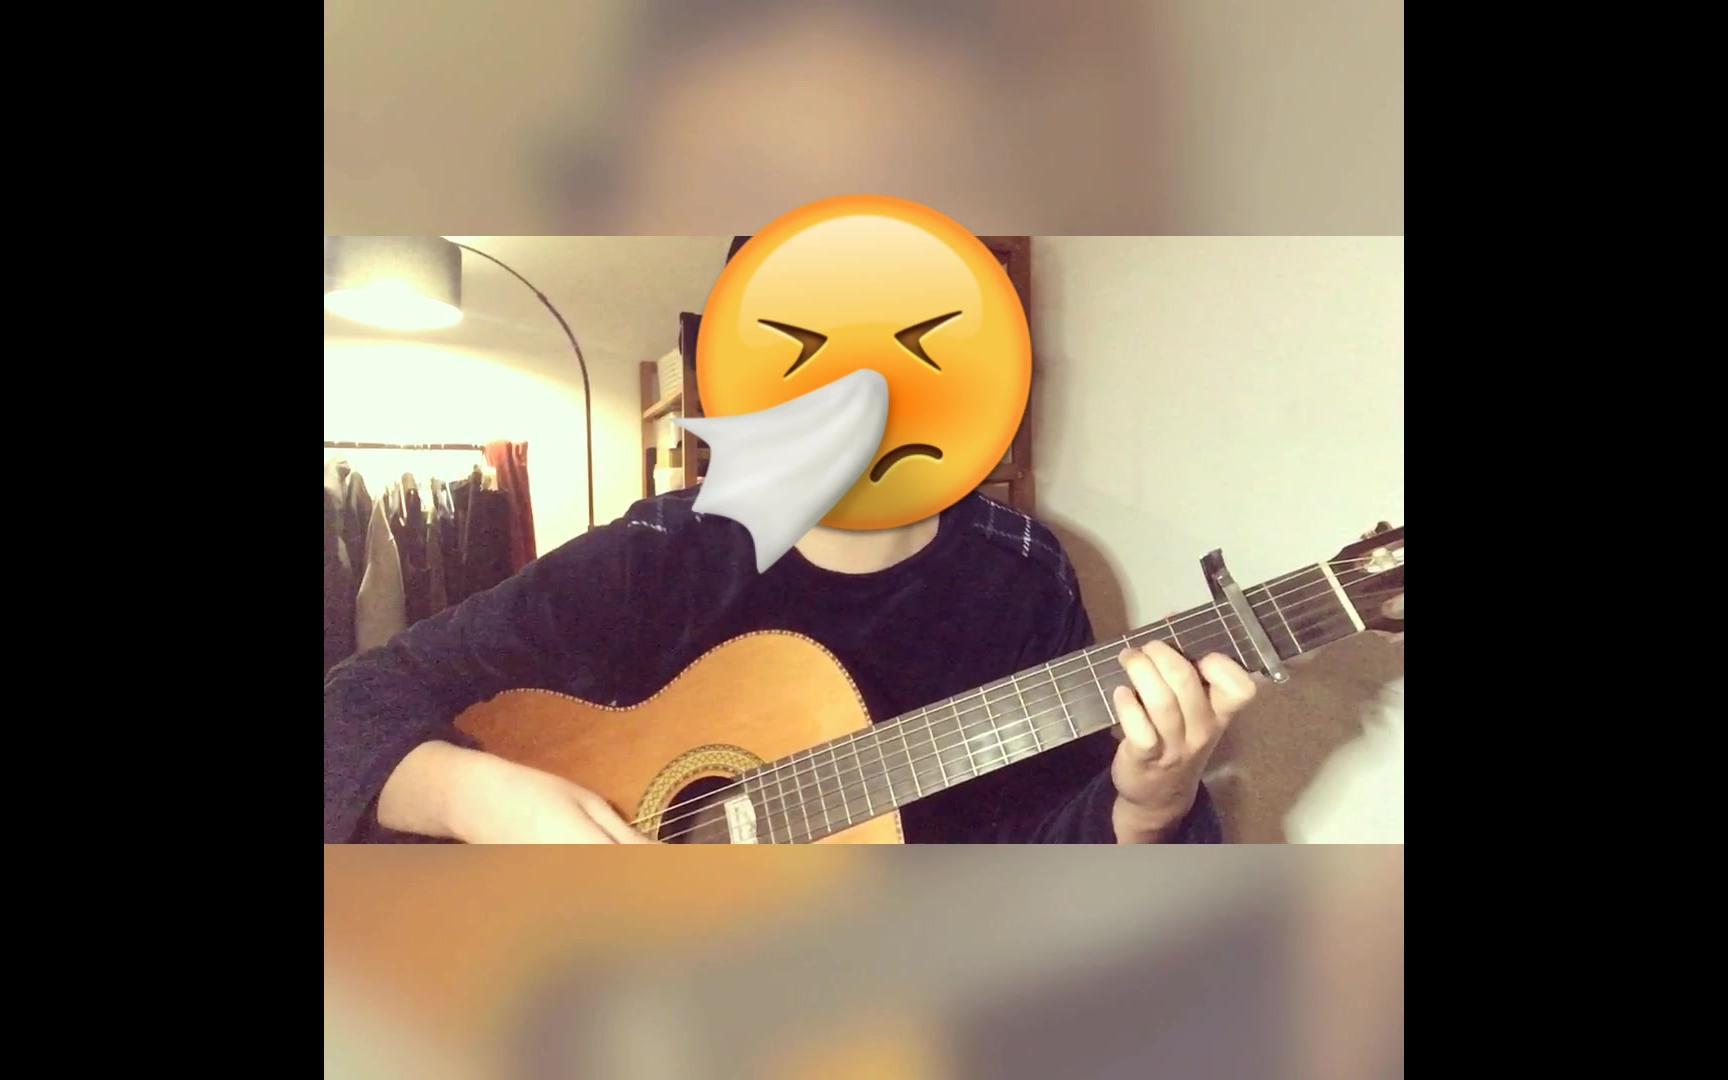 《女儿情》吉他弹唱 C调朴素简单版